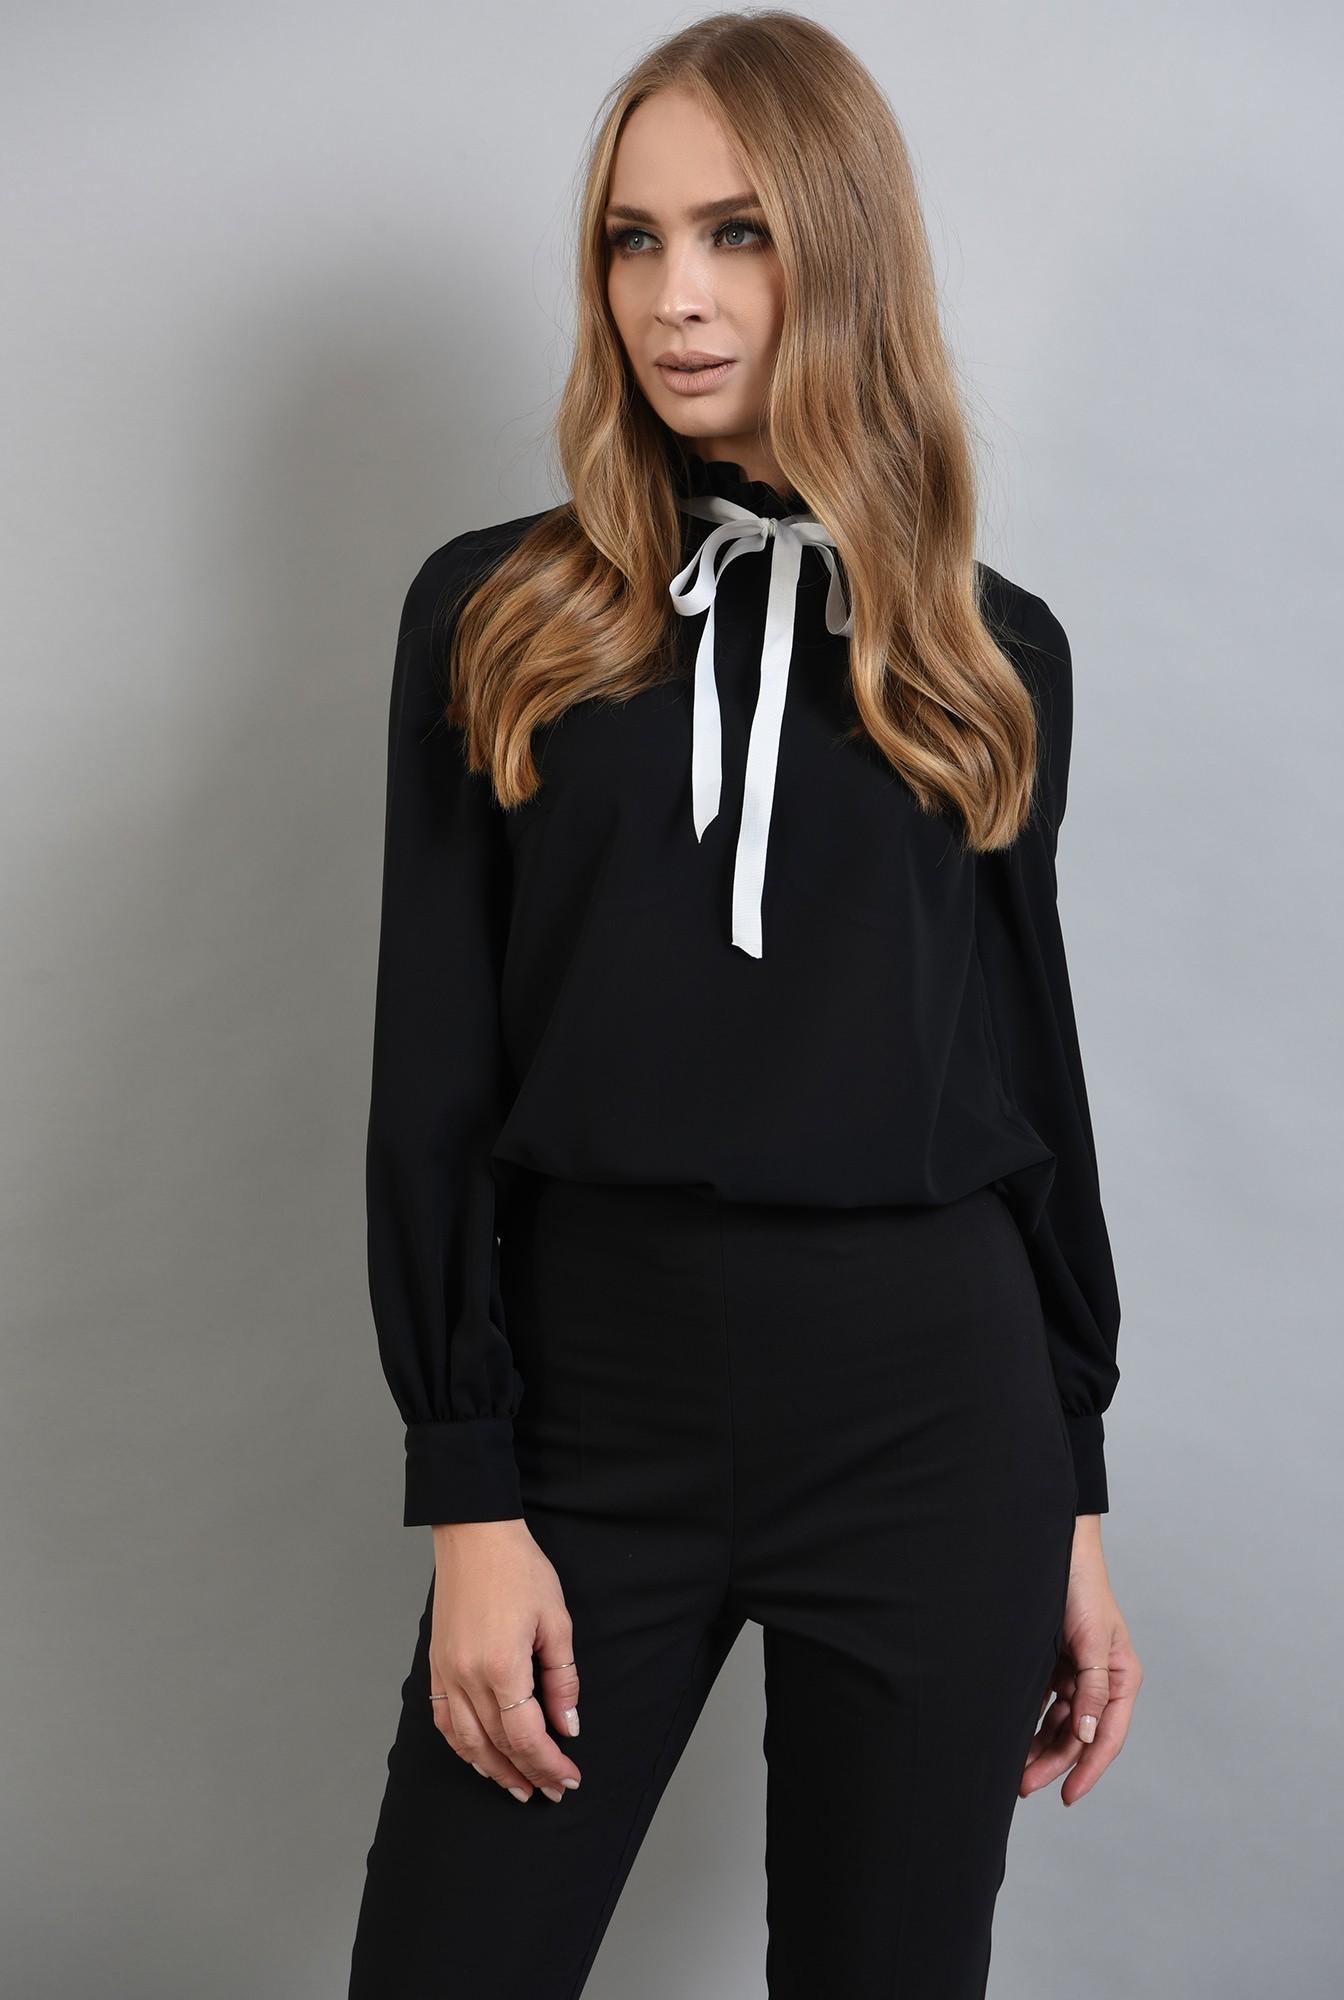 1 - bluza neagra, cu guler inalt, cu funda alba